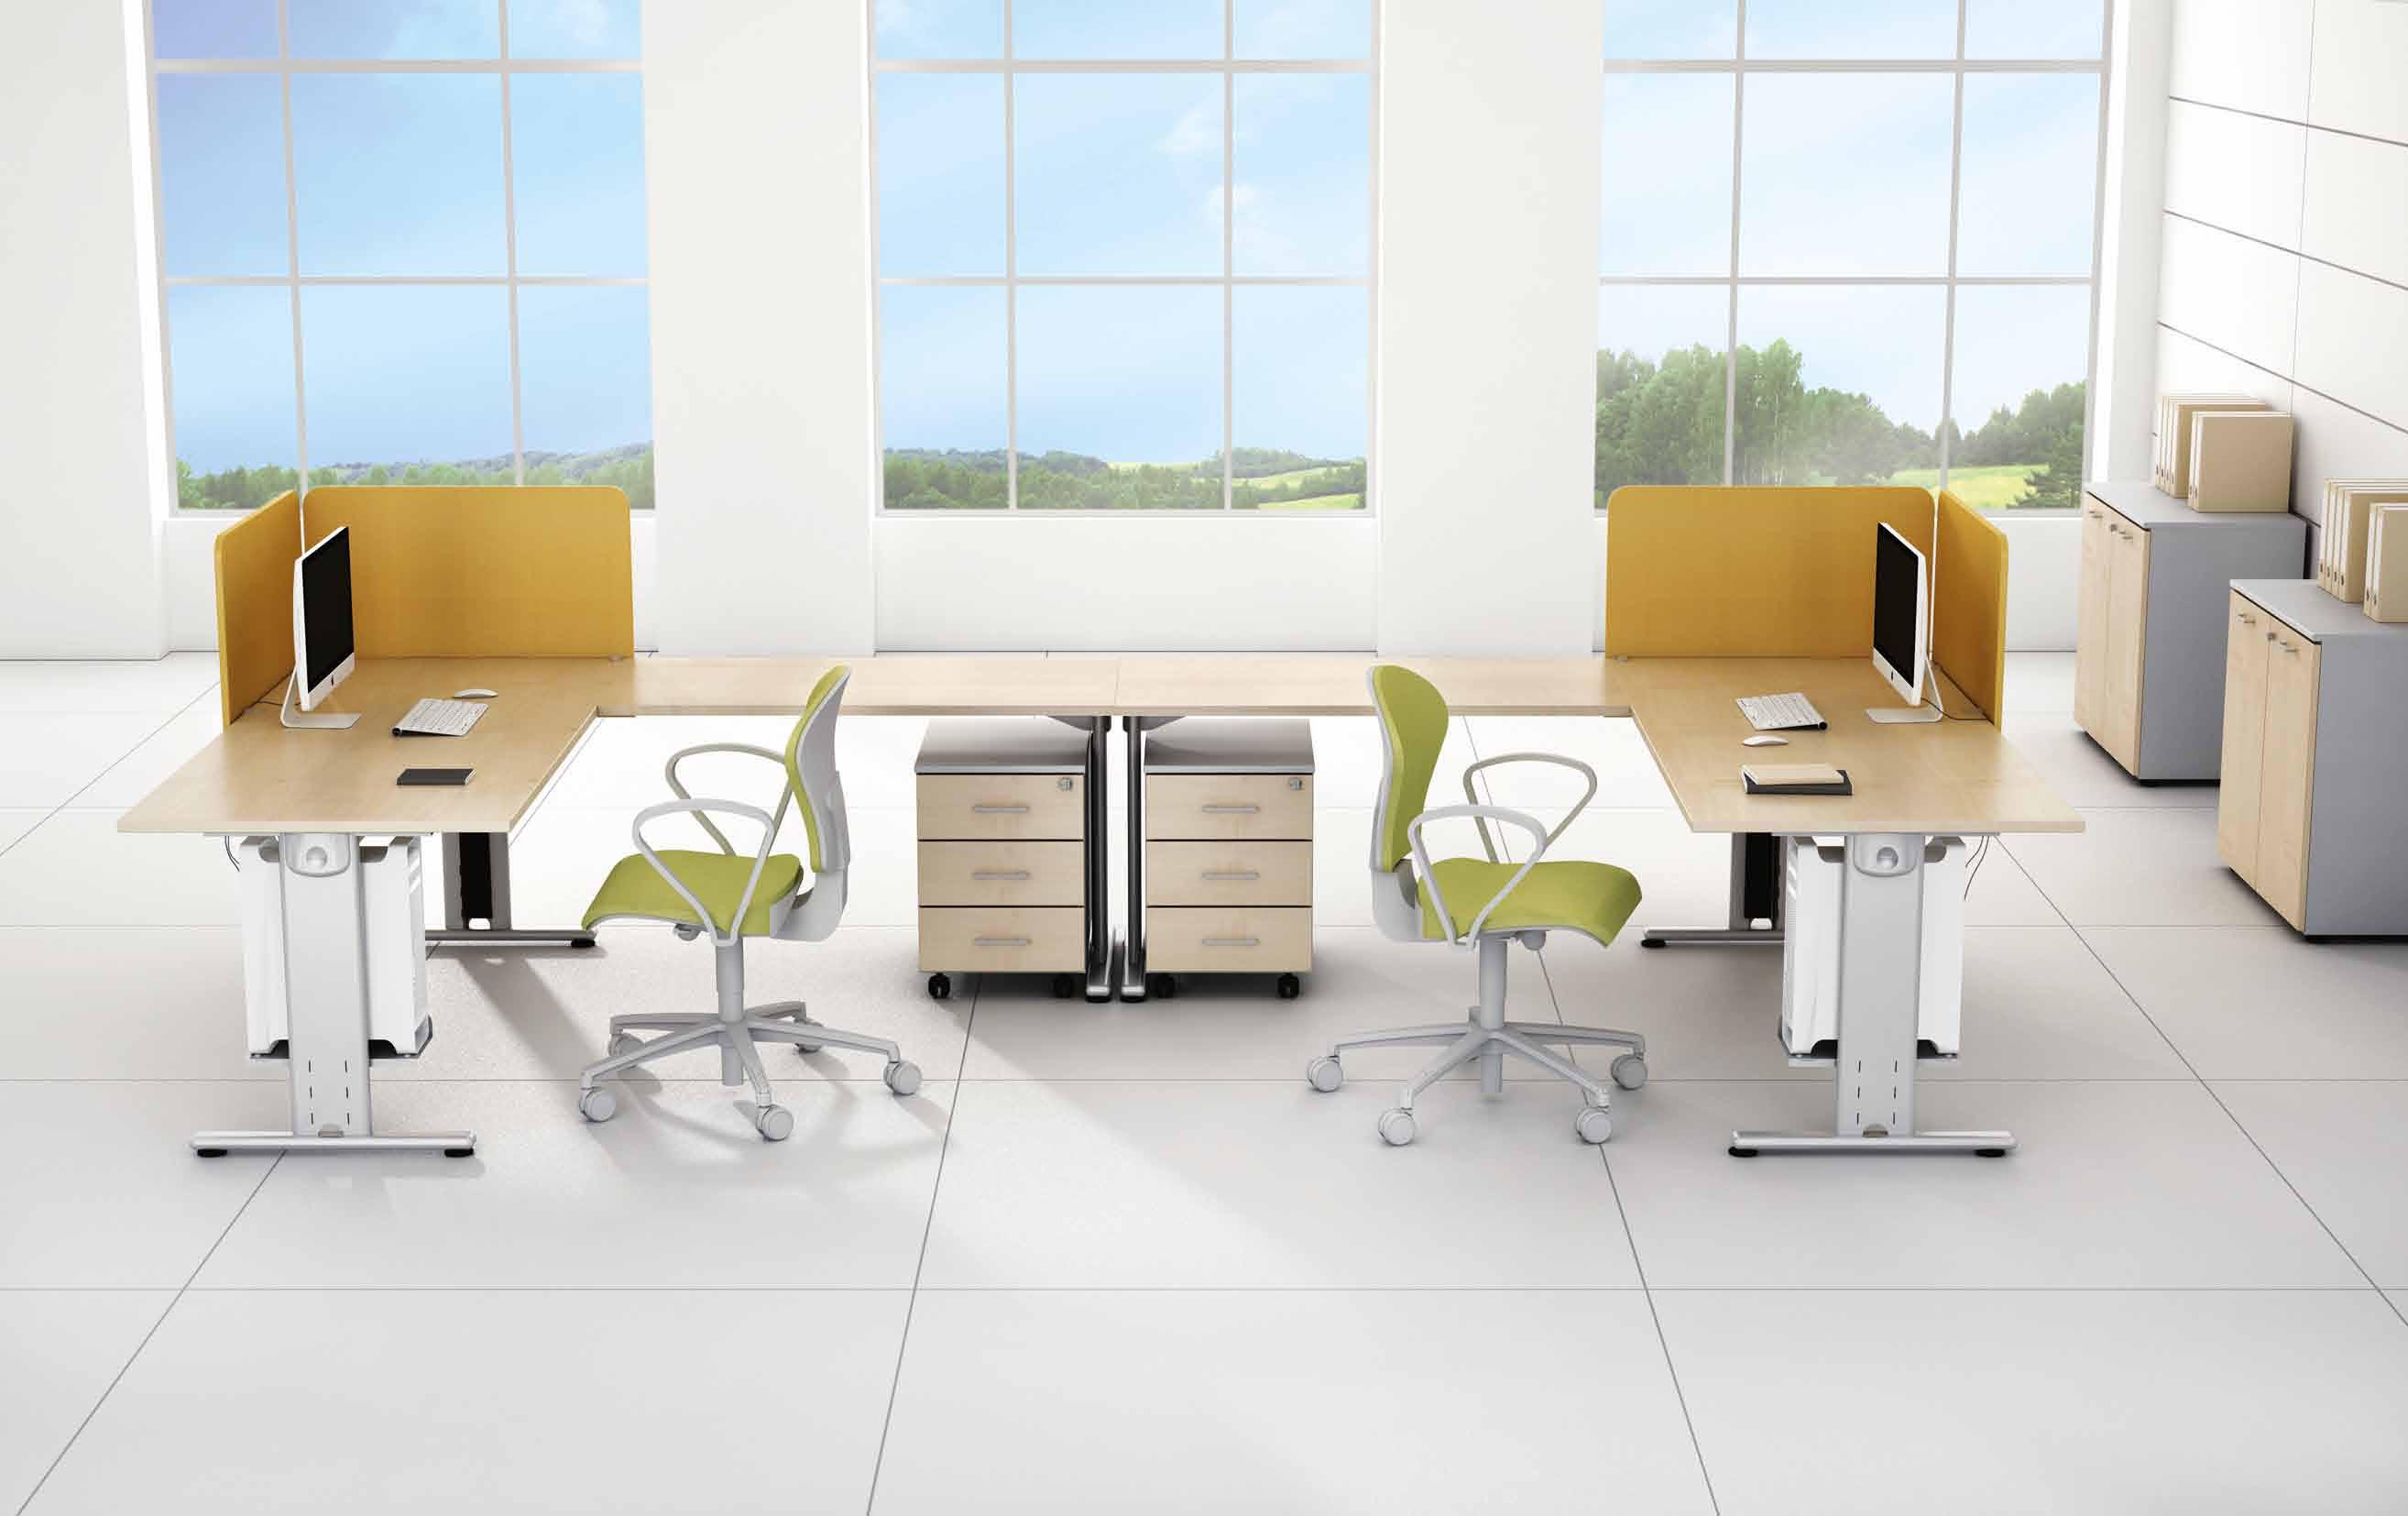 Mobili Per Ufficio Baronissi : Uffici operativi imo progettazione e produzione mobili per ufficio